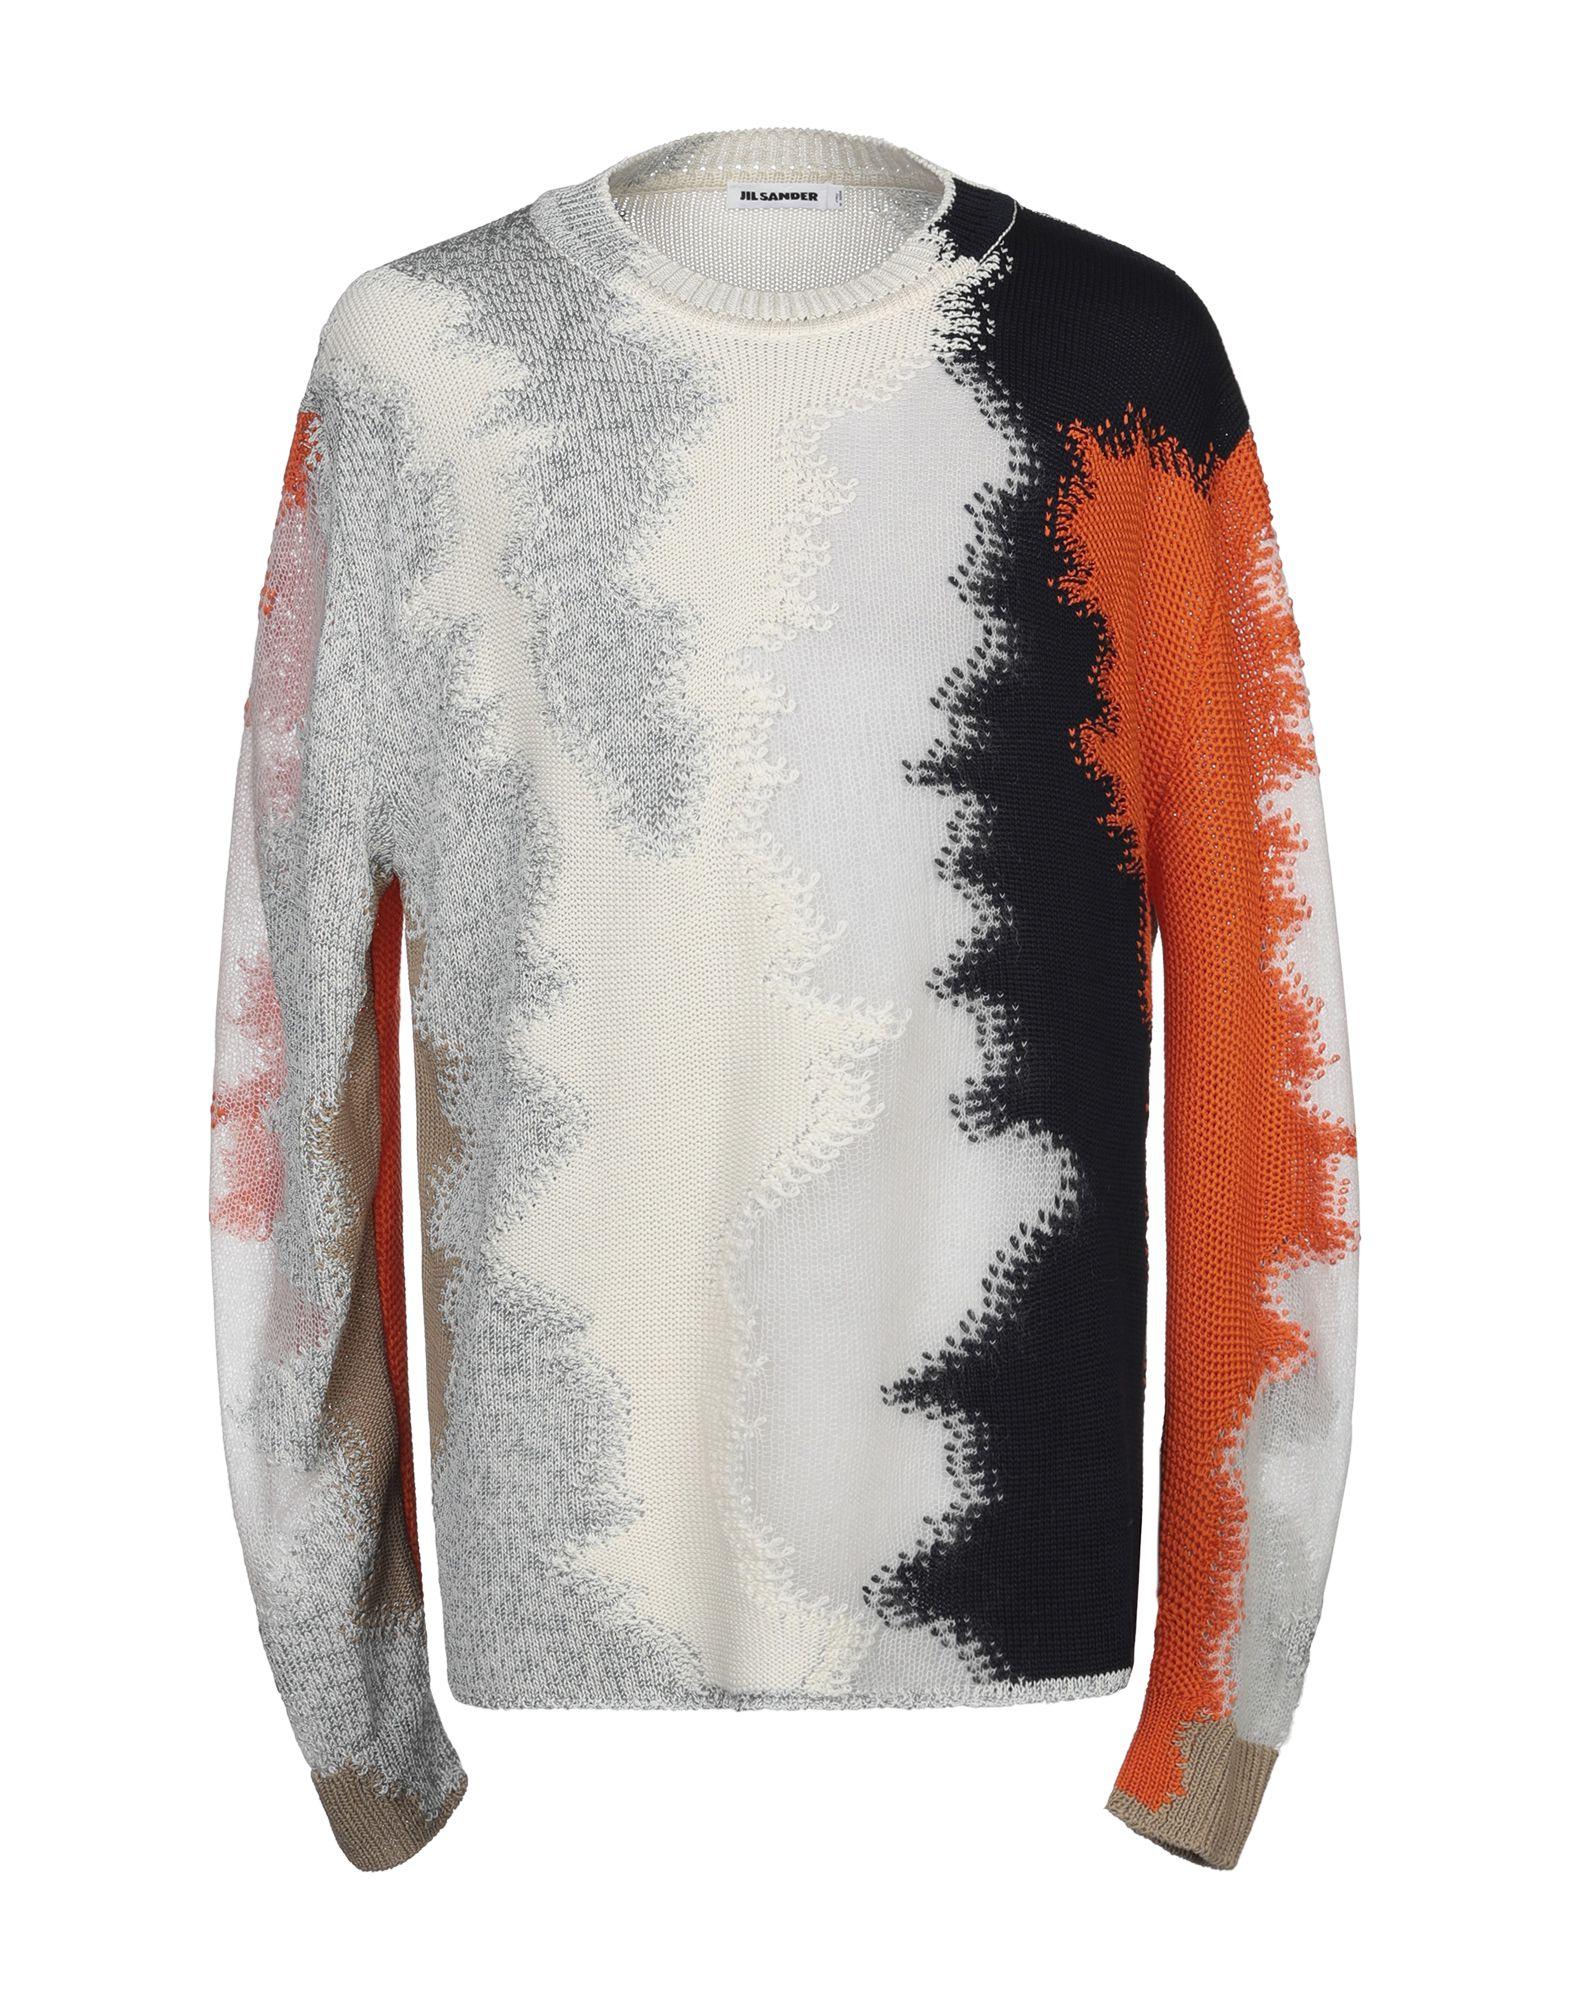 JIL SANDER Sweaters - Item 14006485